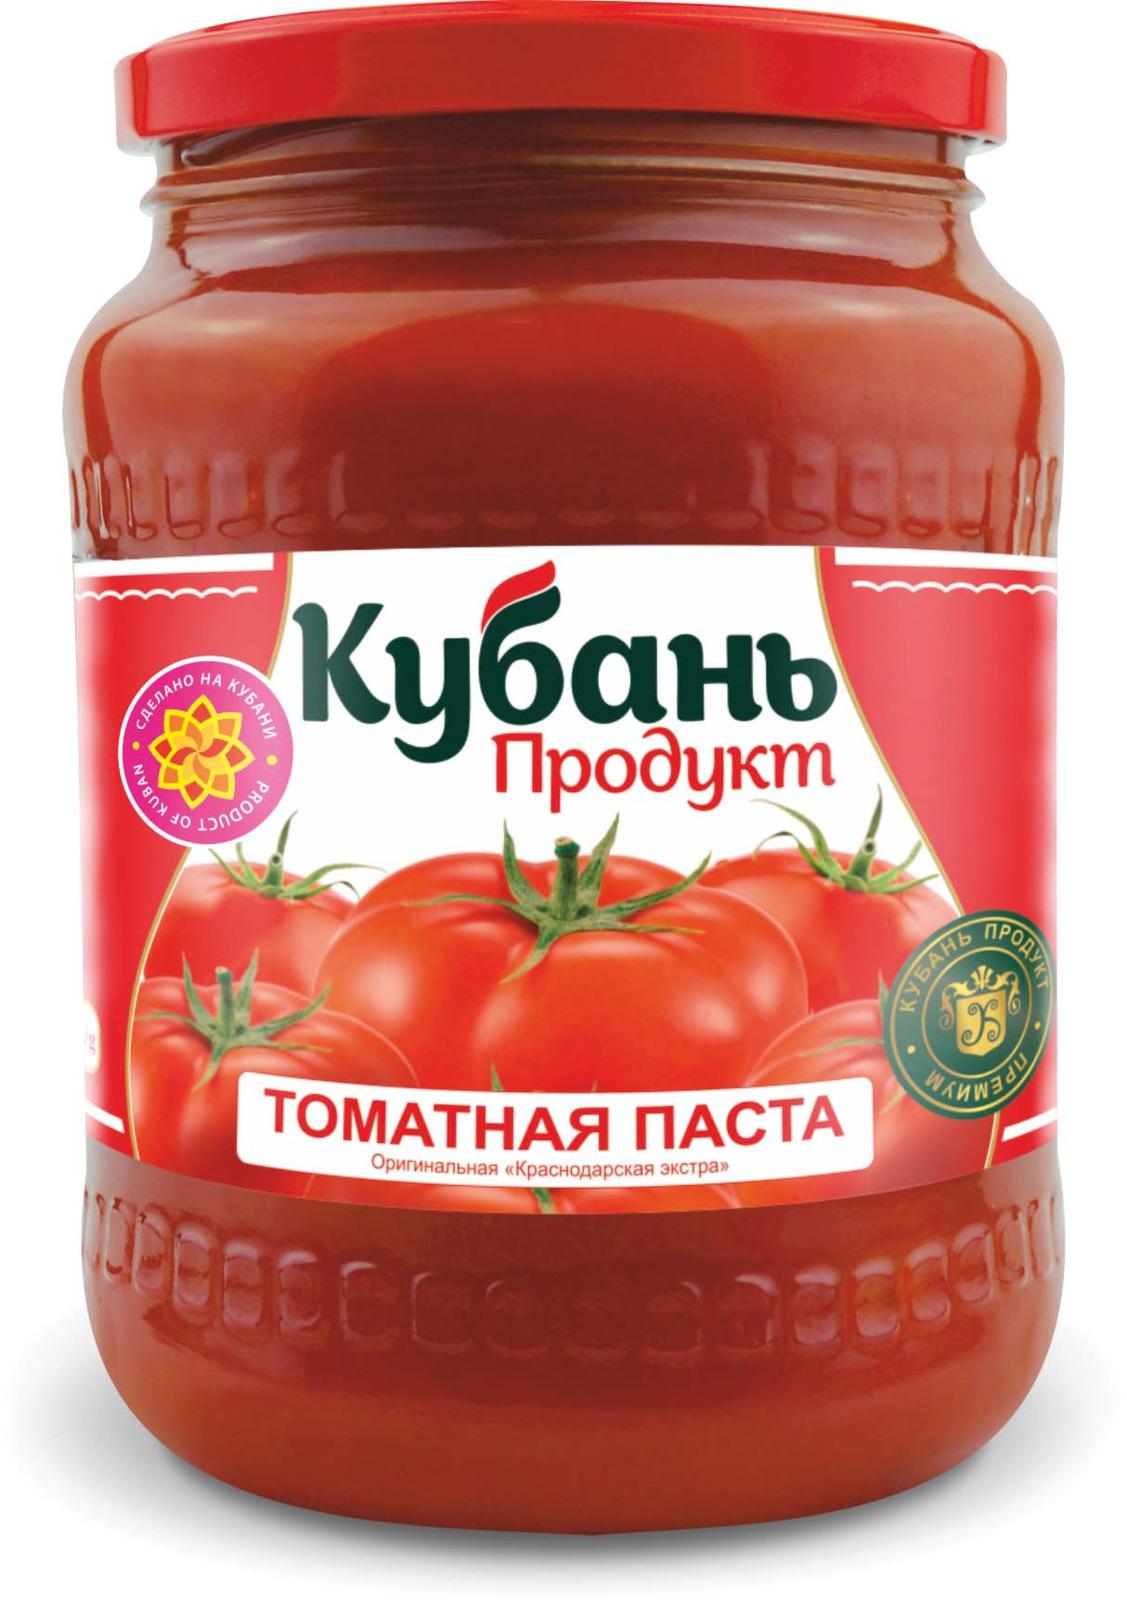 Кубань Продукт паста томатная, 720 г тони моли томатная